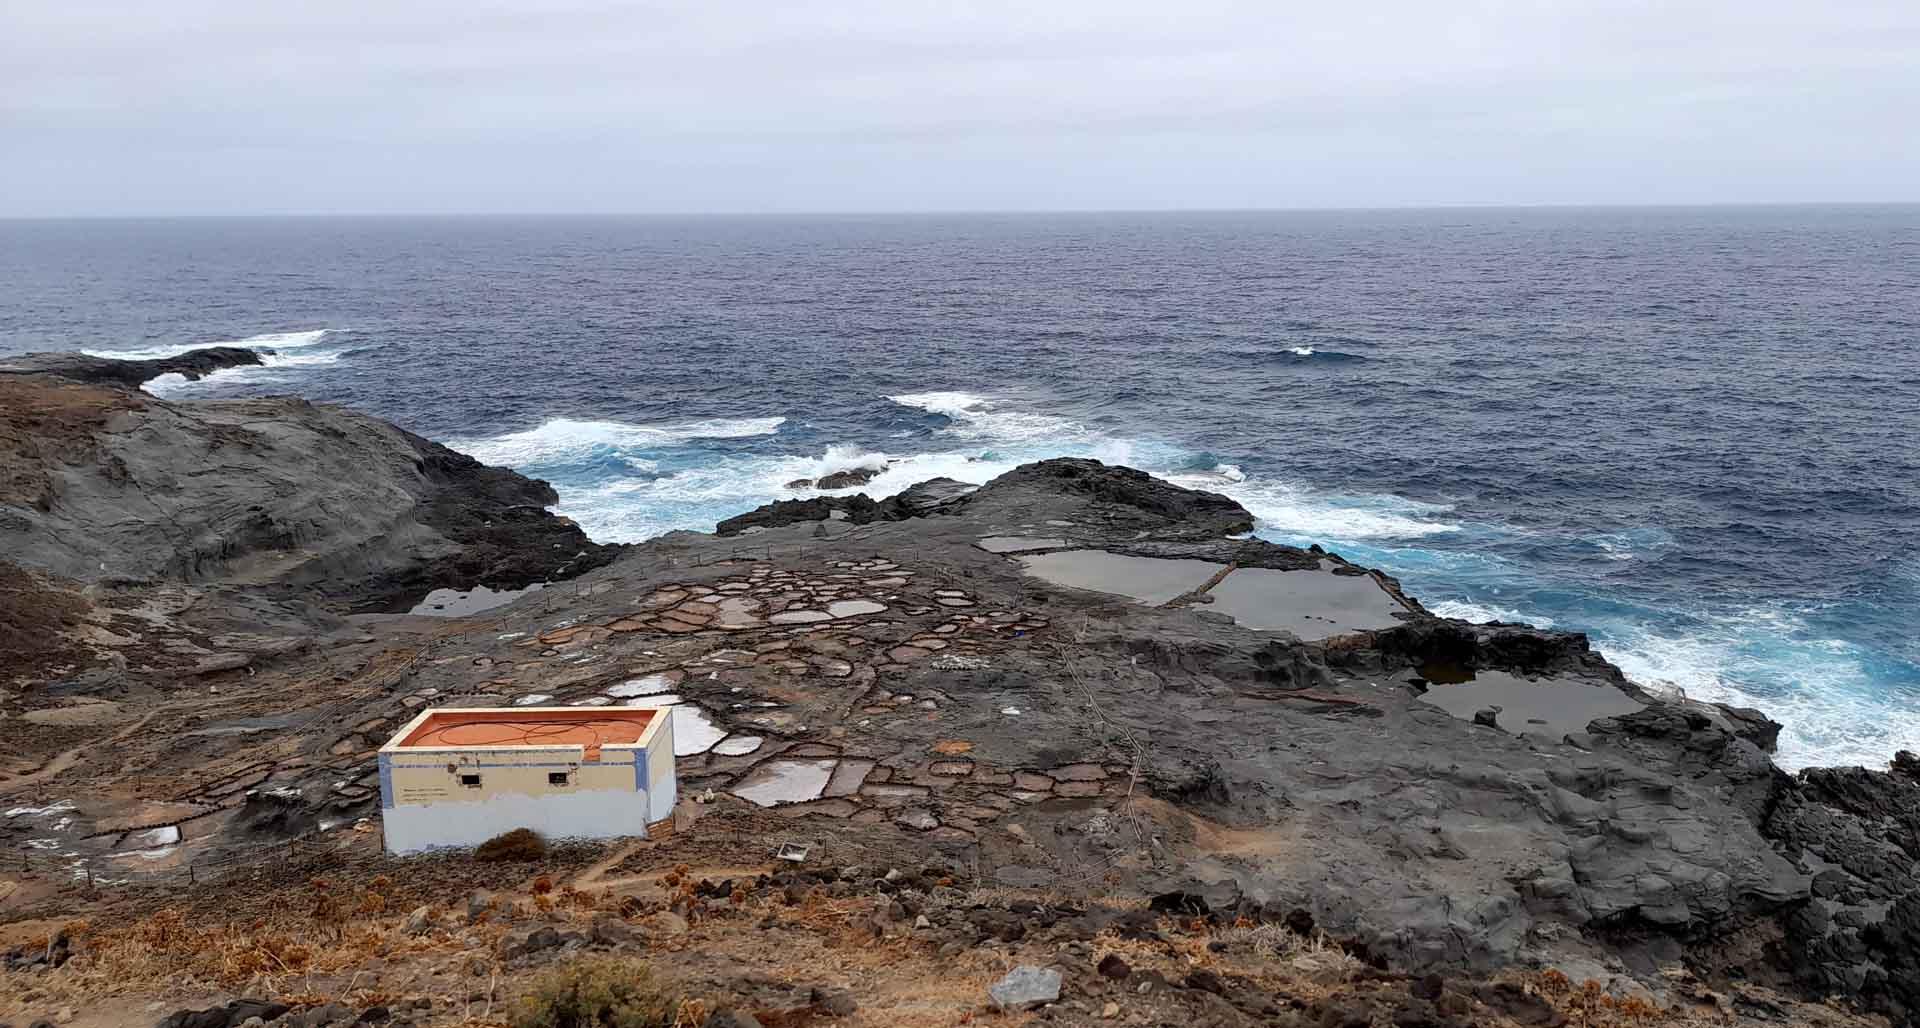 vista panoramica dell'Oceano Atlantico a Gran Canaria con le saline di Agaete